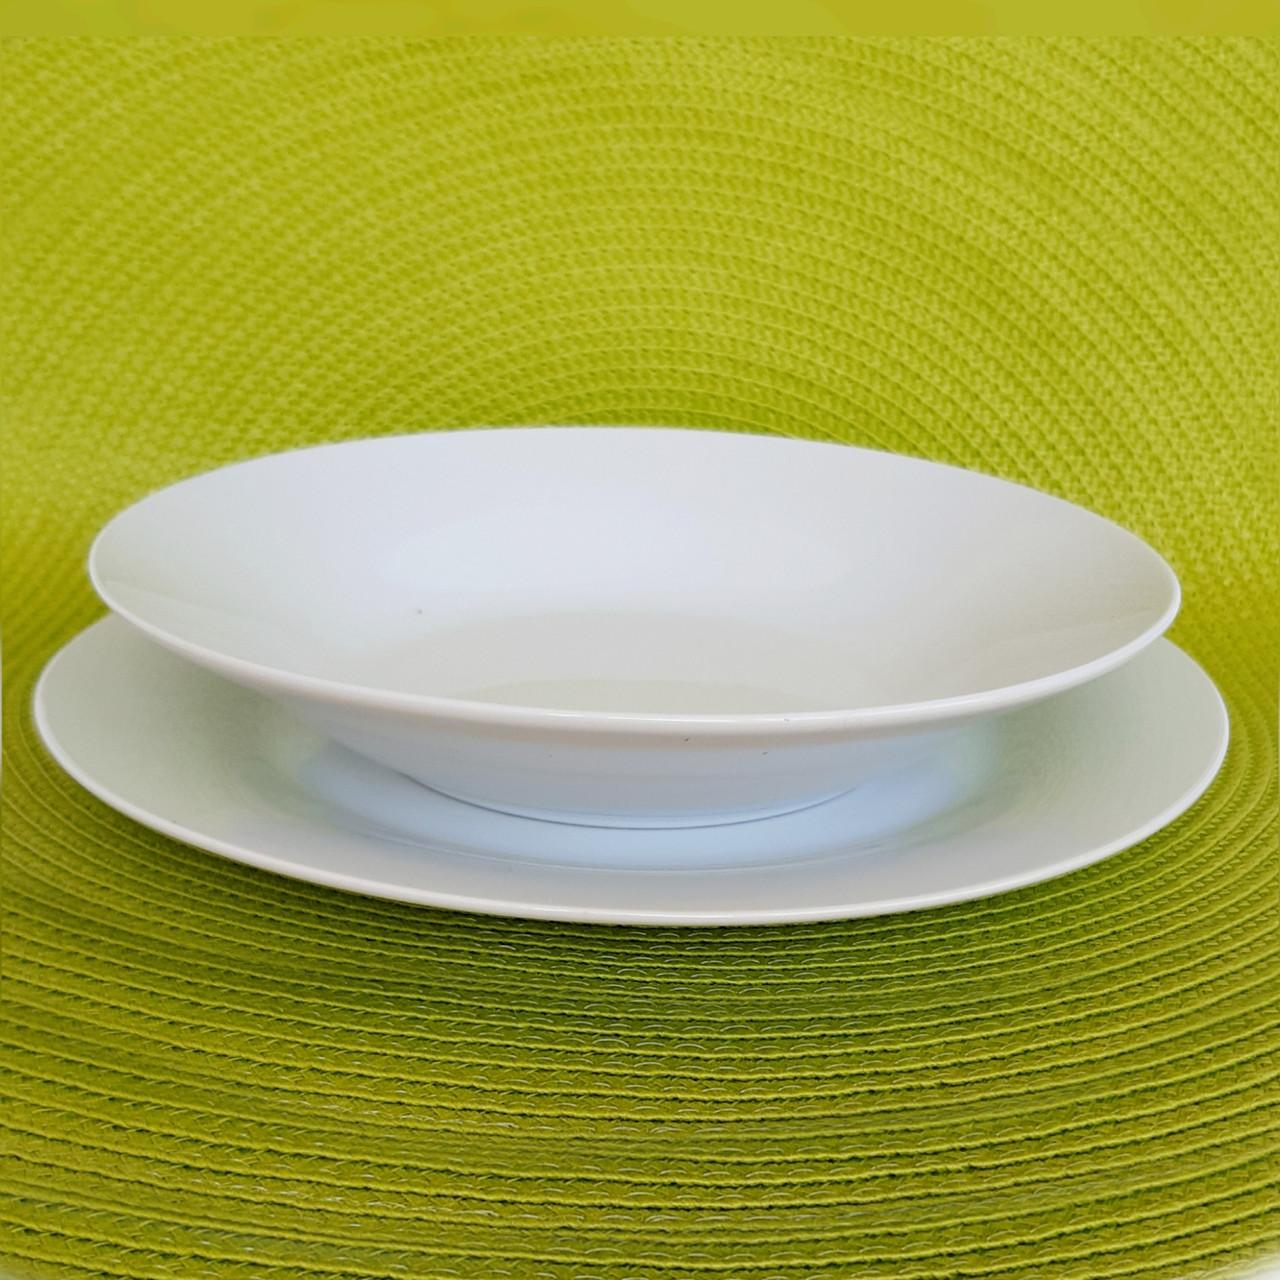 Тарілка глибока десертна біла 200 мм арт. 4403